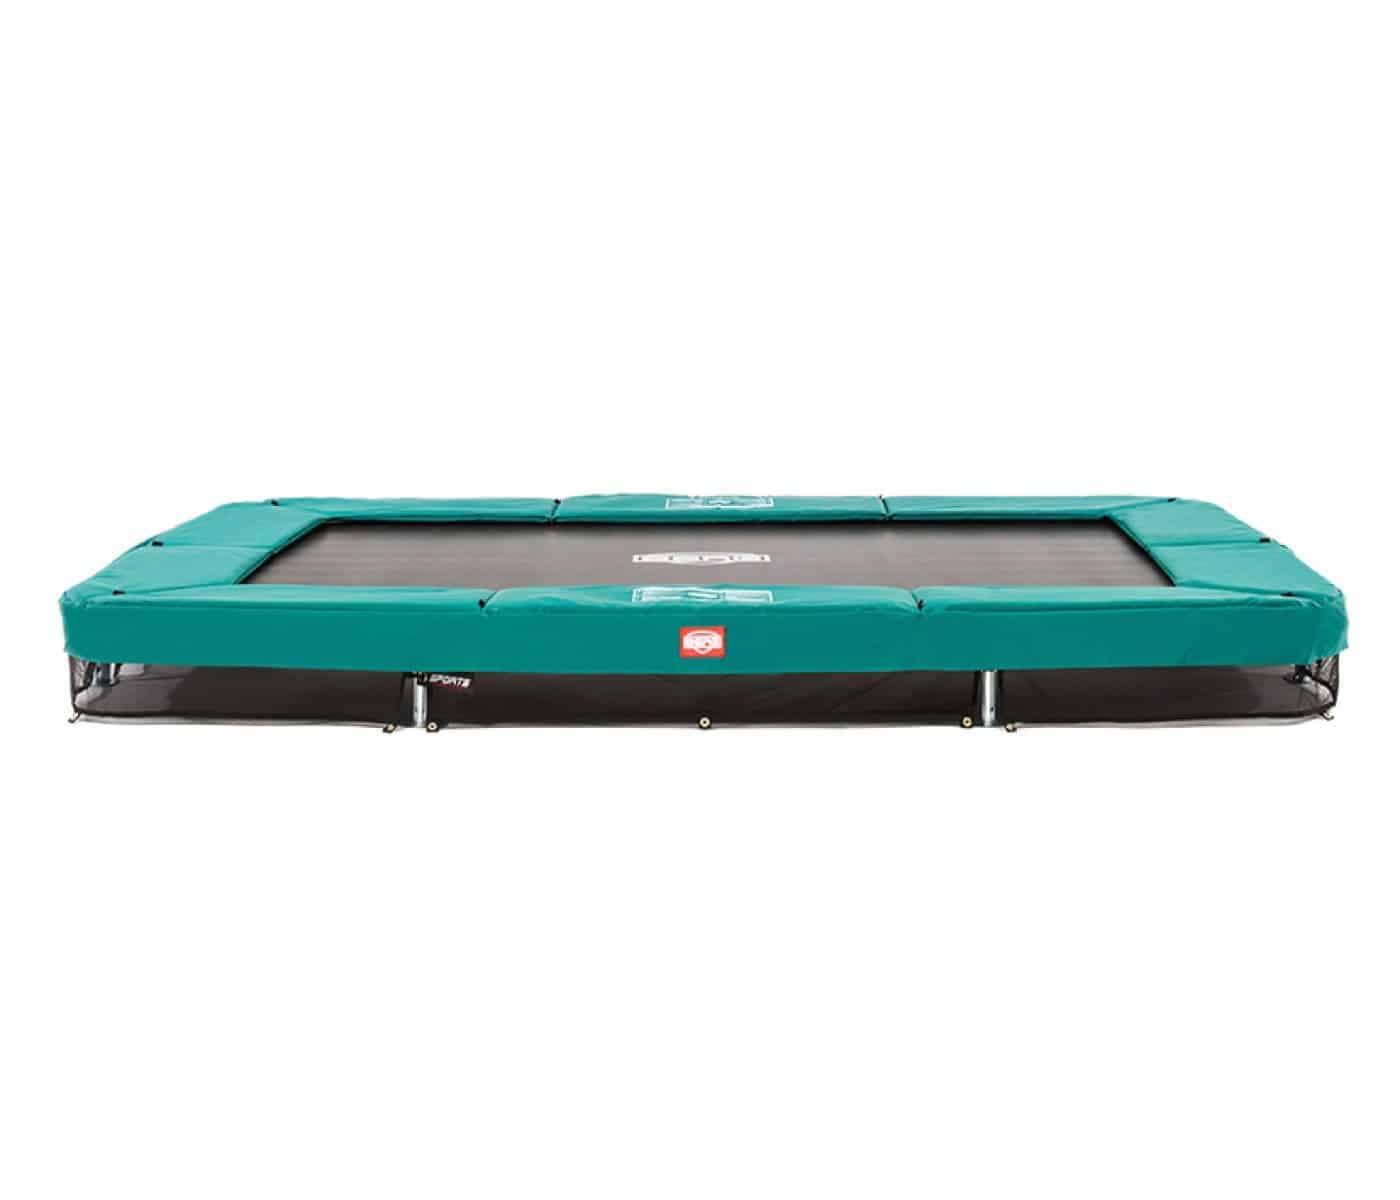 Kjempebra Berg trampolin guide - Alt du skal vide for at vælge den rette XP-15